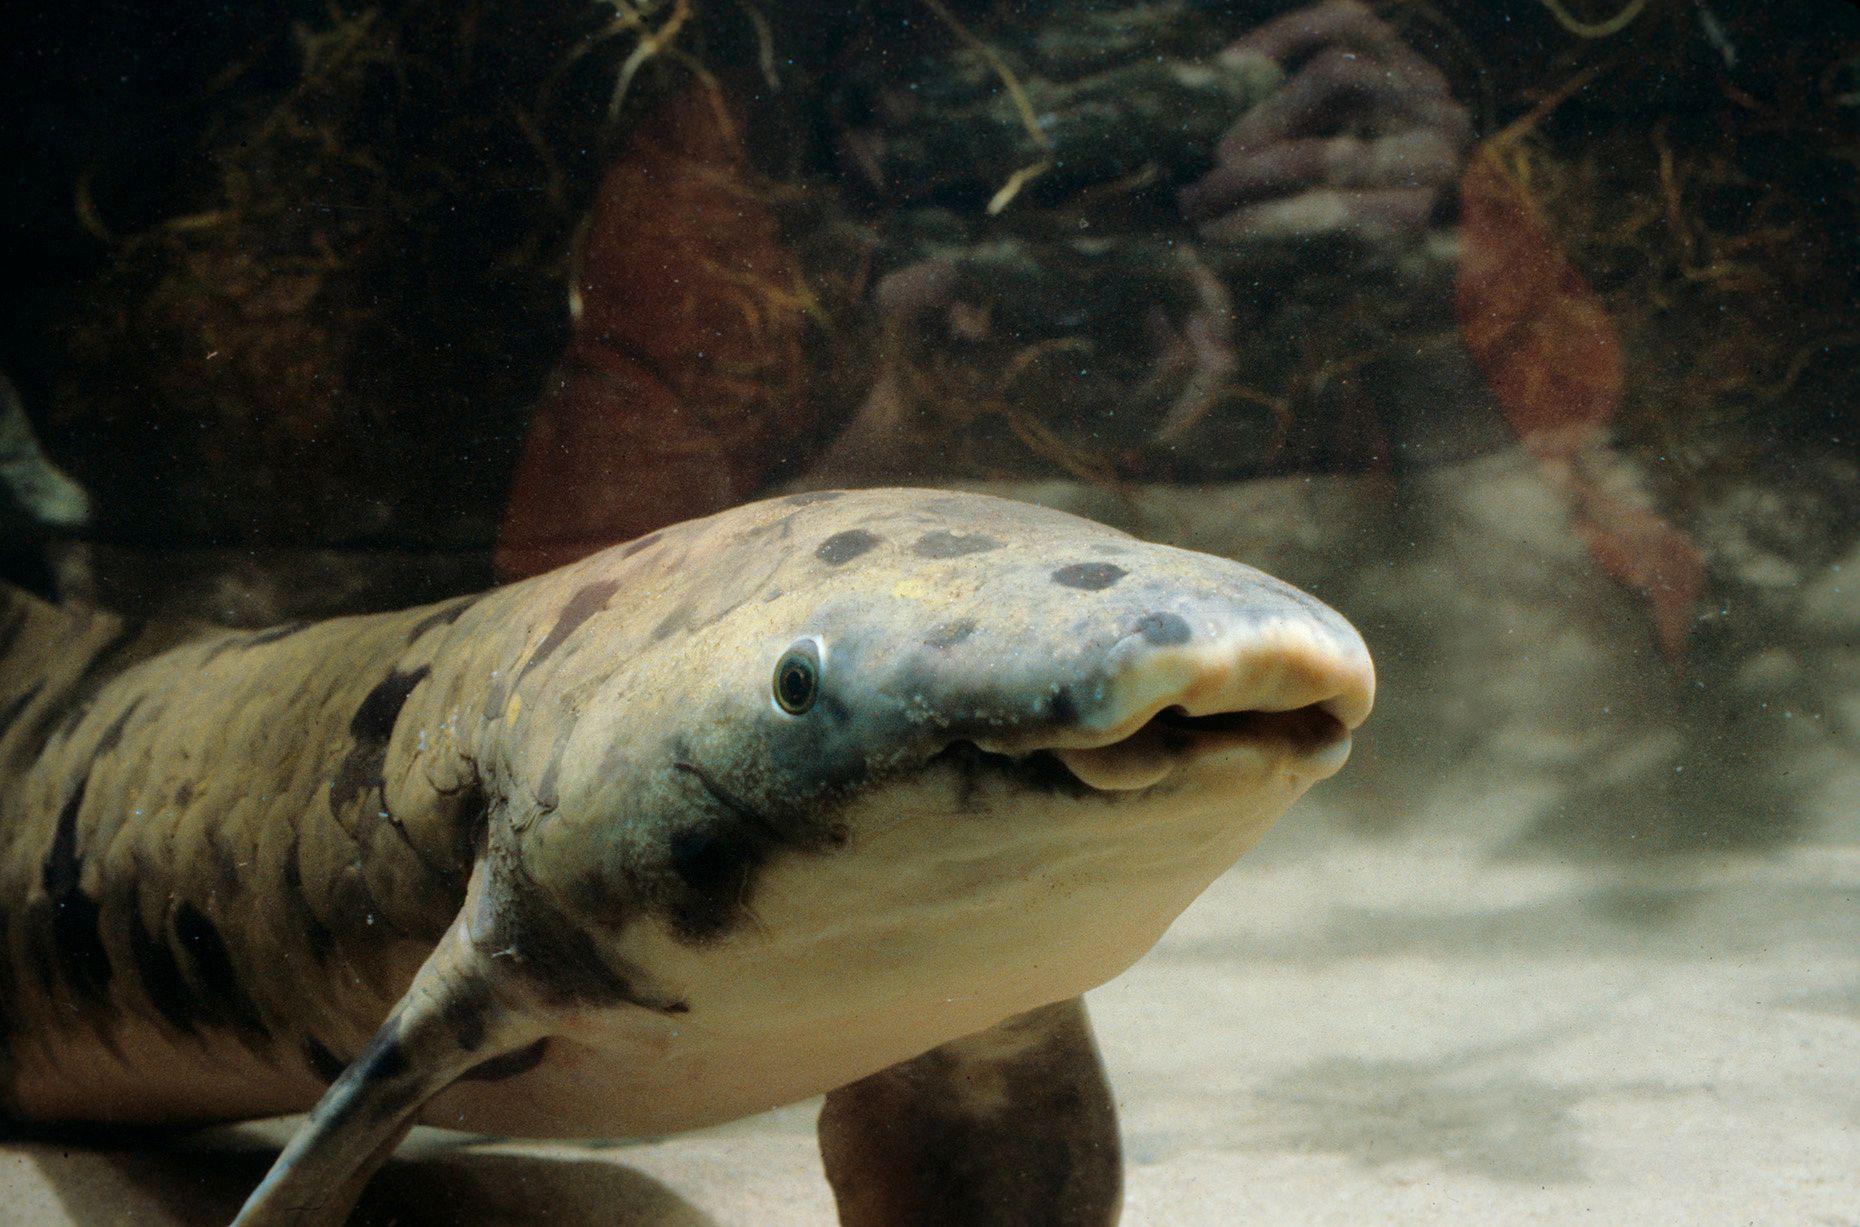 GAMMEL FISK: Den australske lungefisken Granddad fotografert i 1982 ved Shedd Aquarium i Chicago, Illinois i USA. Nå er han død, 100 år gammel.  Foto: REUTERS